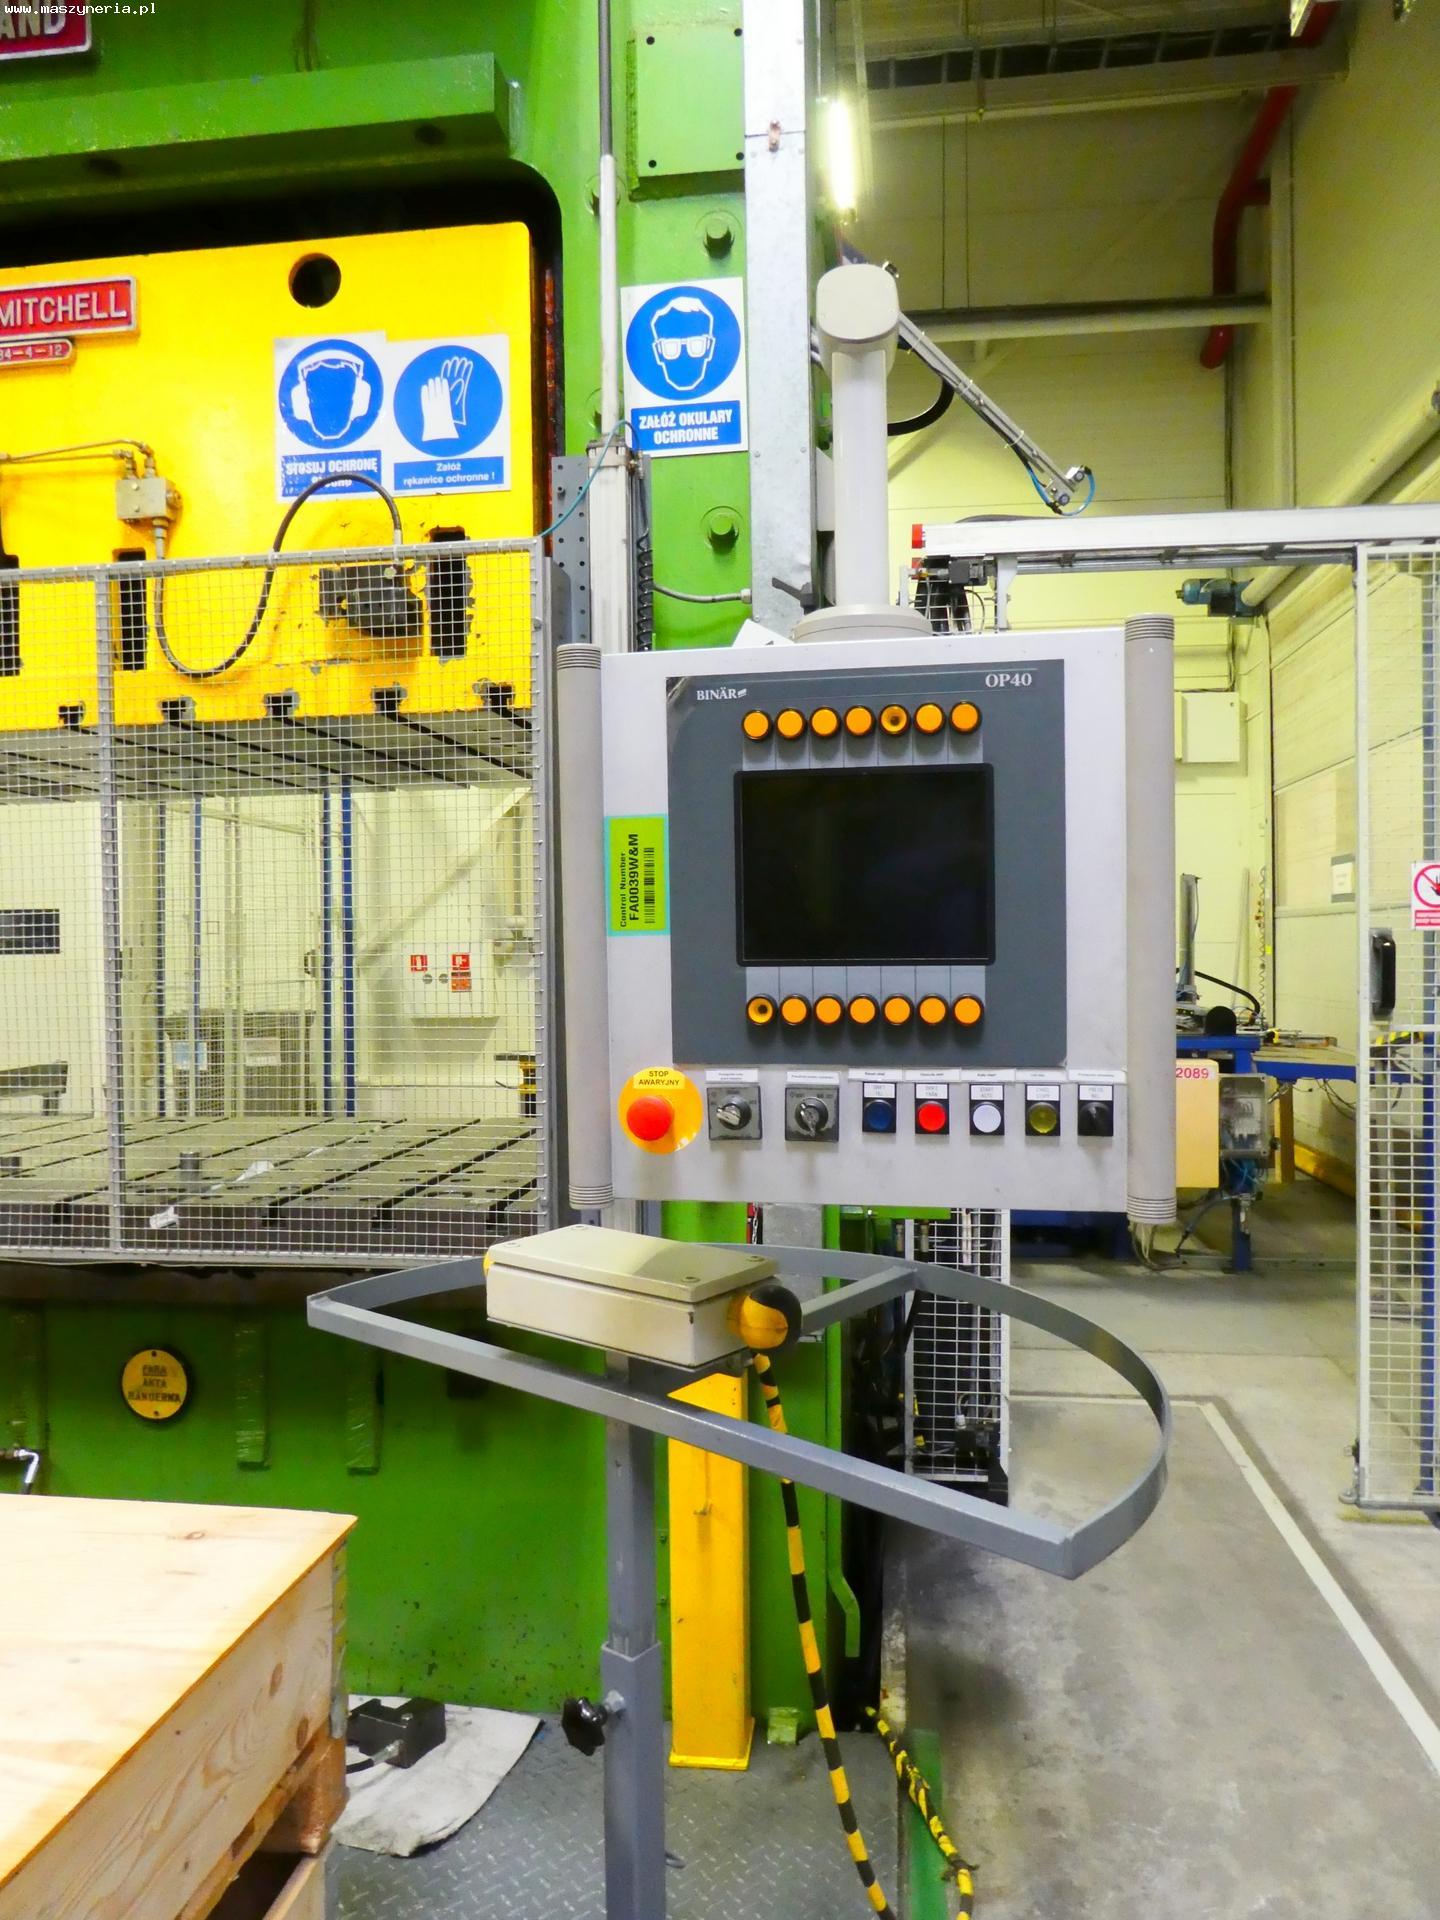 Pressa meccanica due montanti WILKINS MITCHELL E84-4-12 in vendita - foto 3